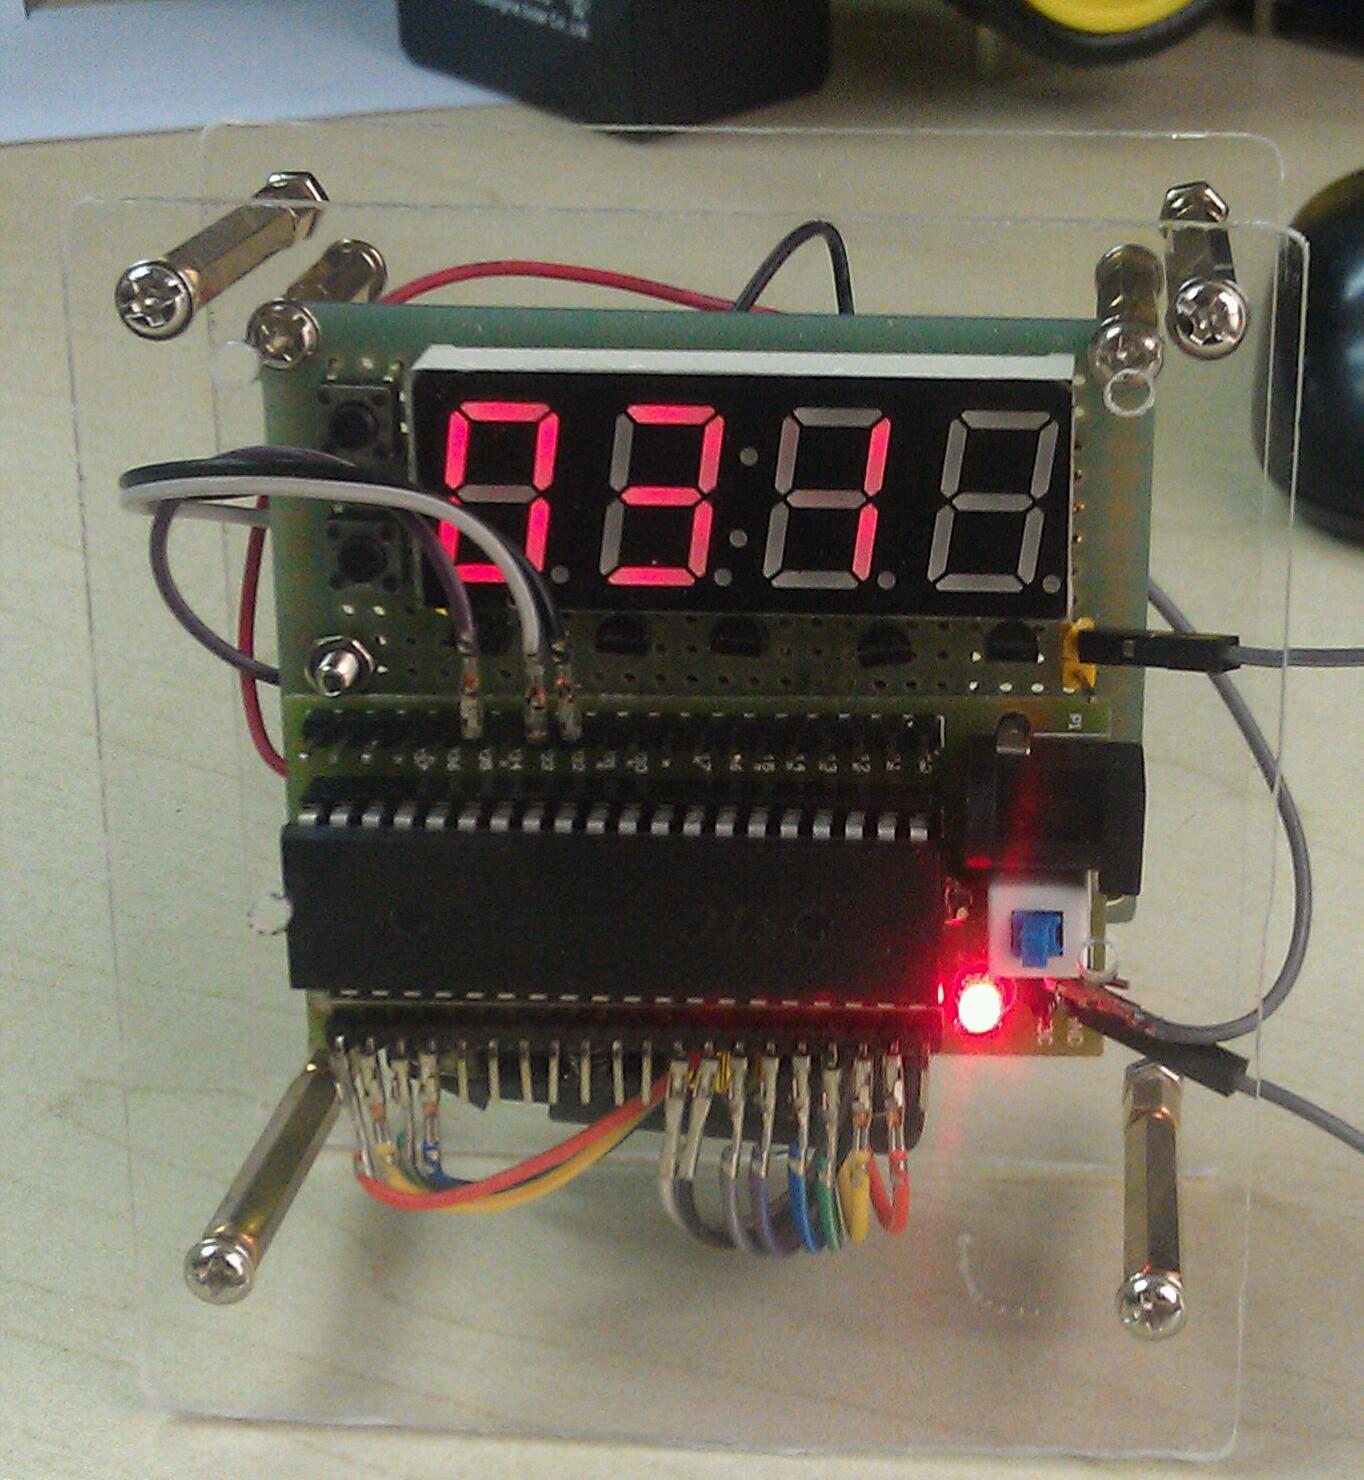 手工制作51单片机电子表,组装完成